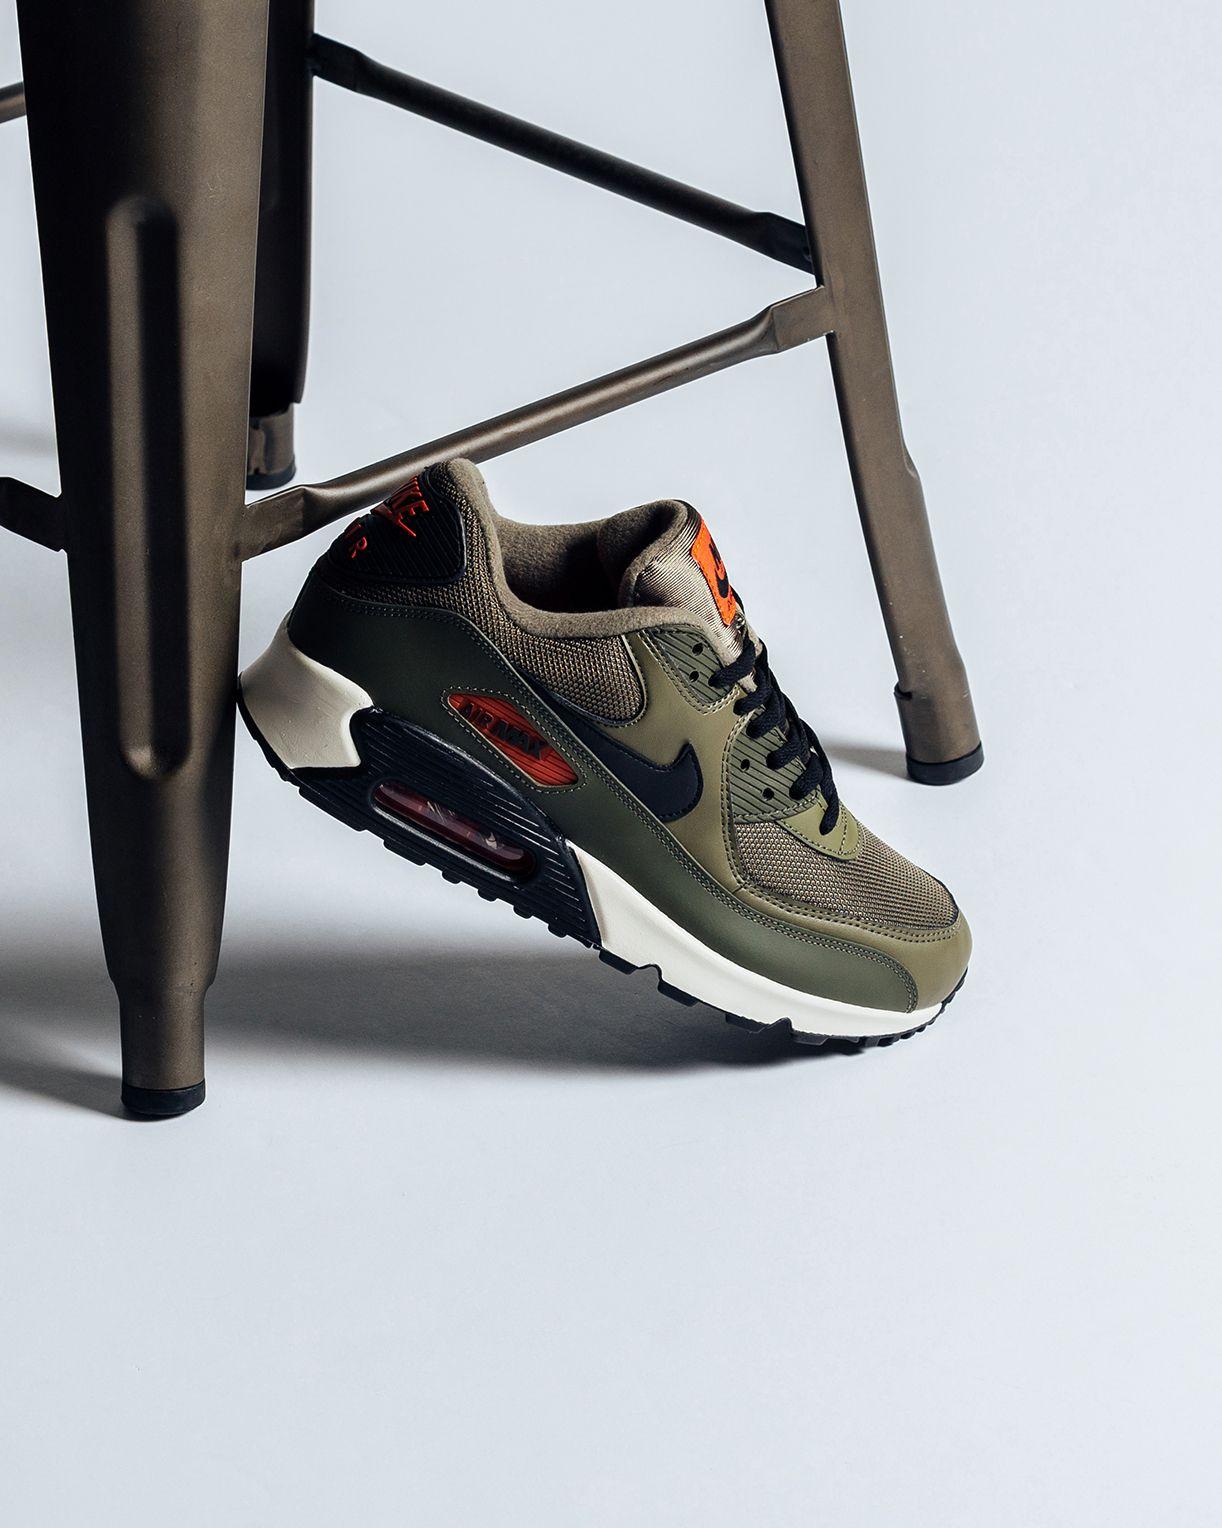 82cc70a6e8 Nike Air Max 90 Essential